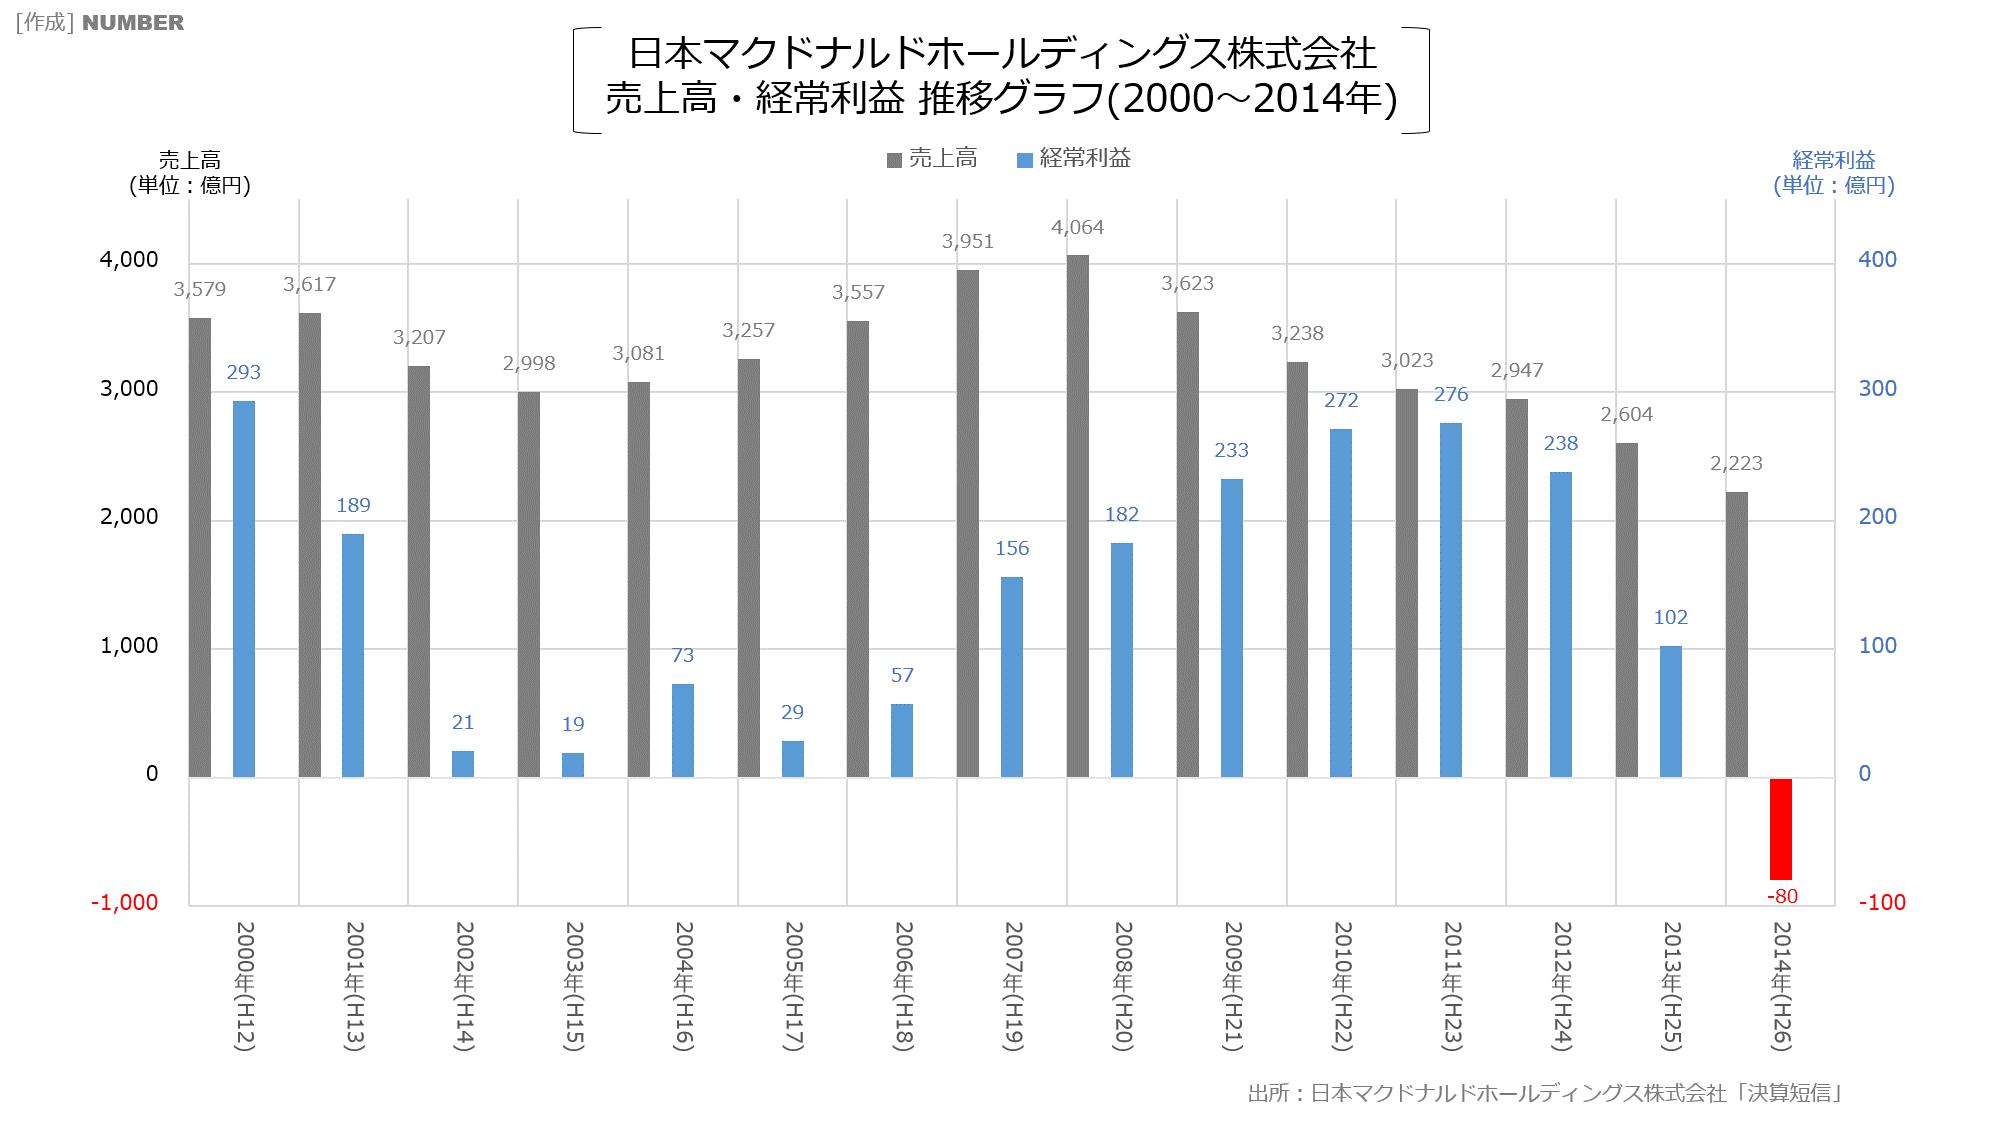 日本マクドナルドホールディングス株式会社 売上高・経常利益 推移グラフ(2000~2014年)